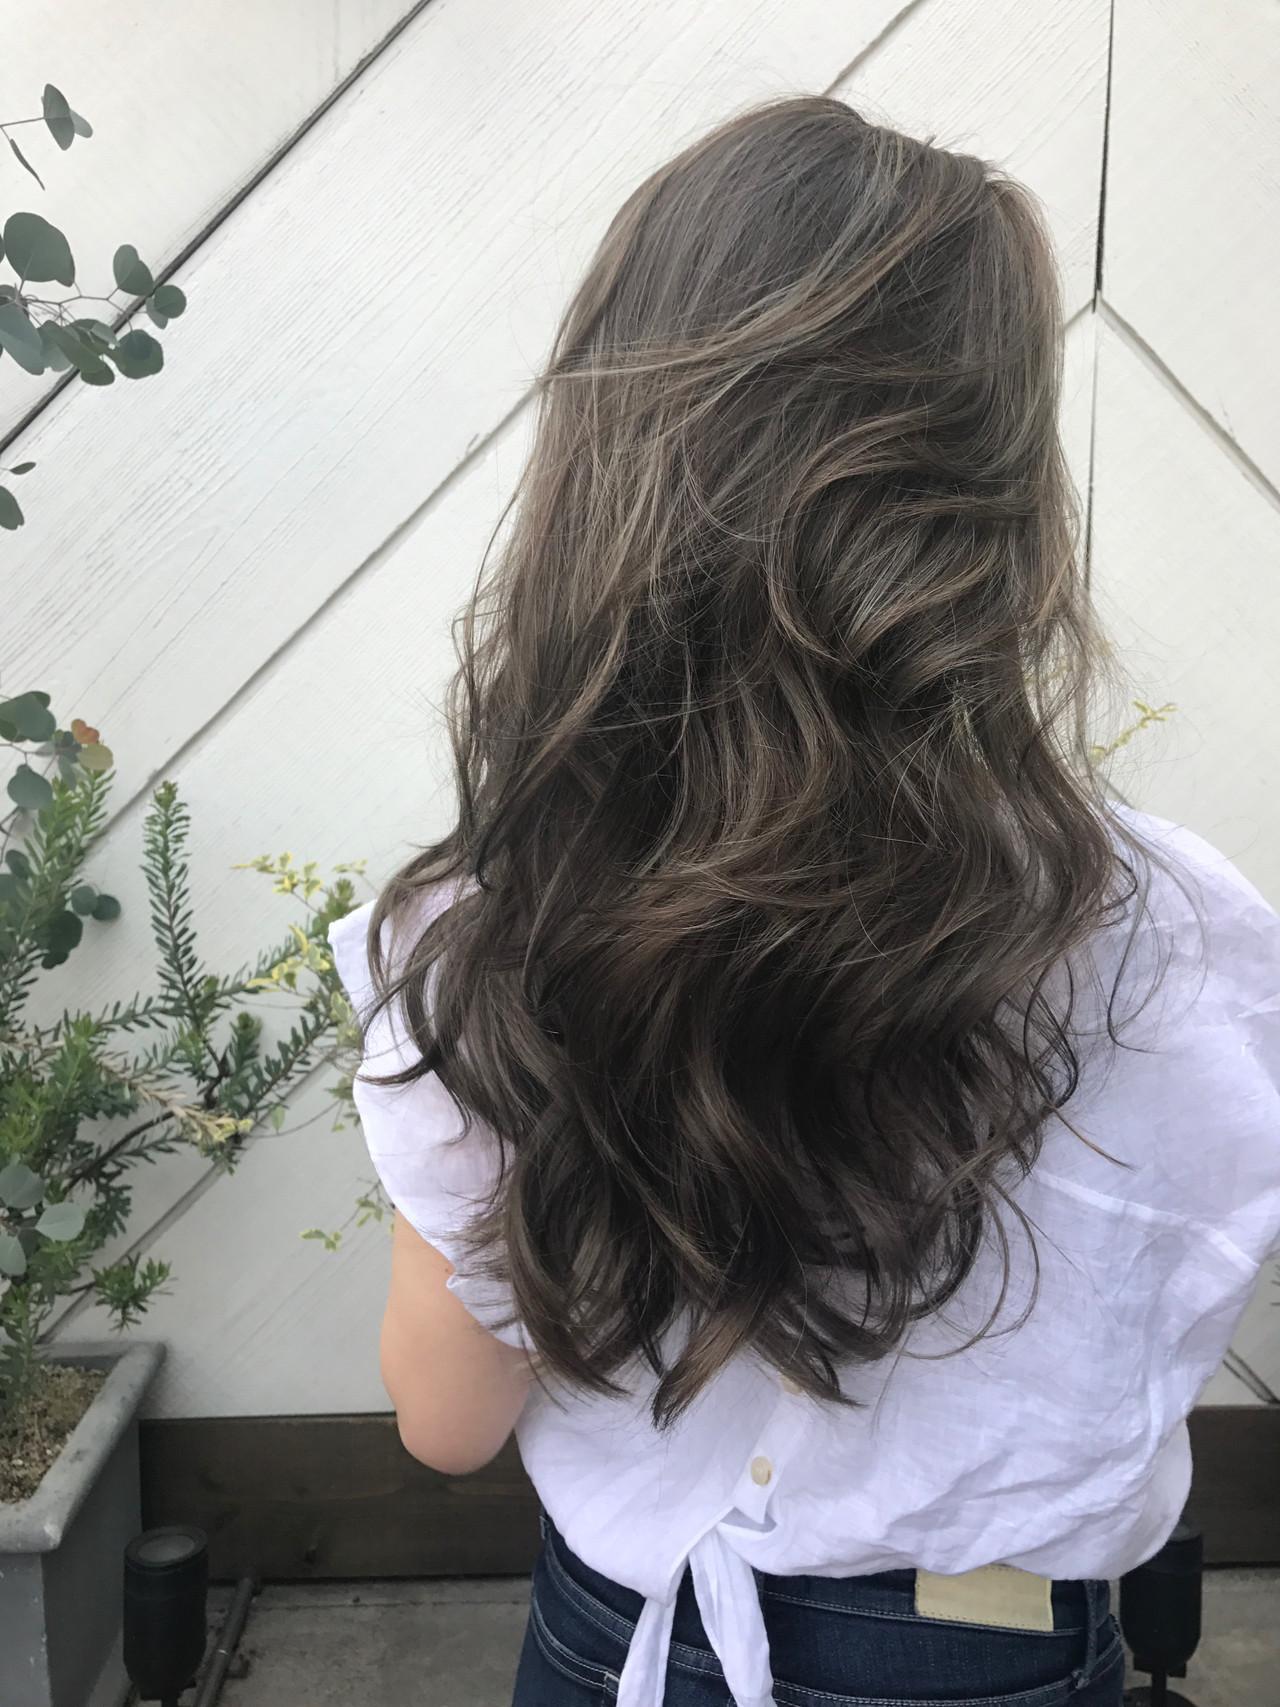 大人女子 3Dカラー 360度どこからみても綺麗なロングヘア ナチュラル ヘアスタイルや髪型の写真・画像 | KT / フリー